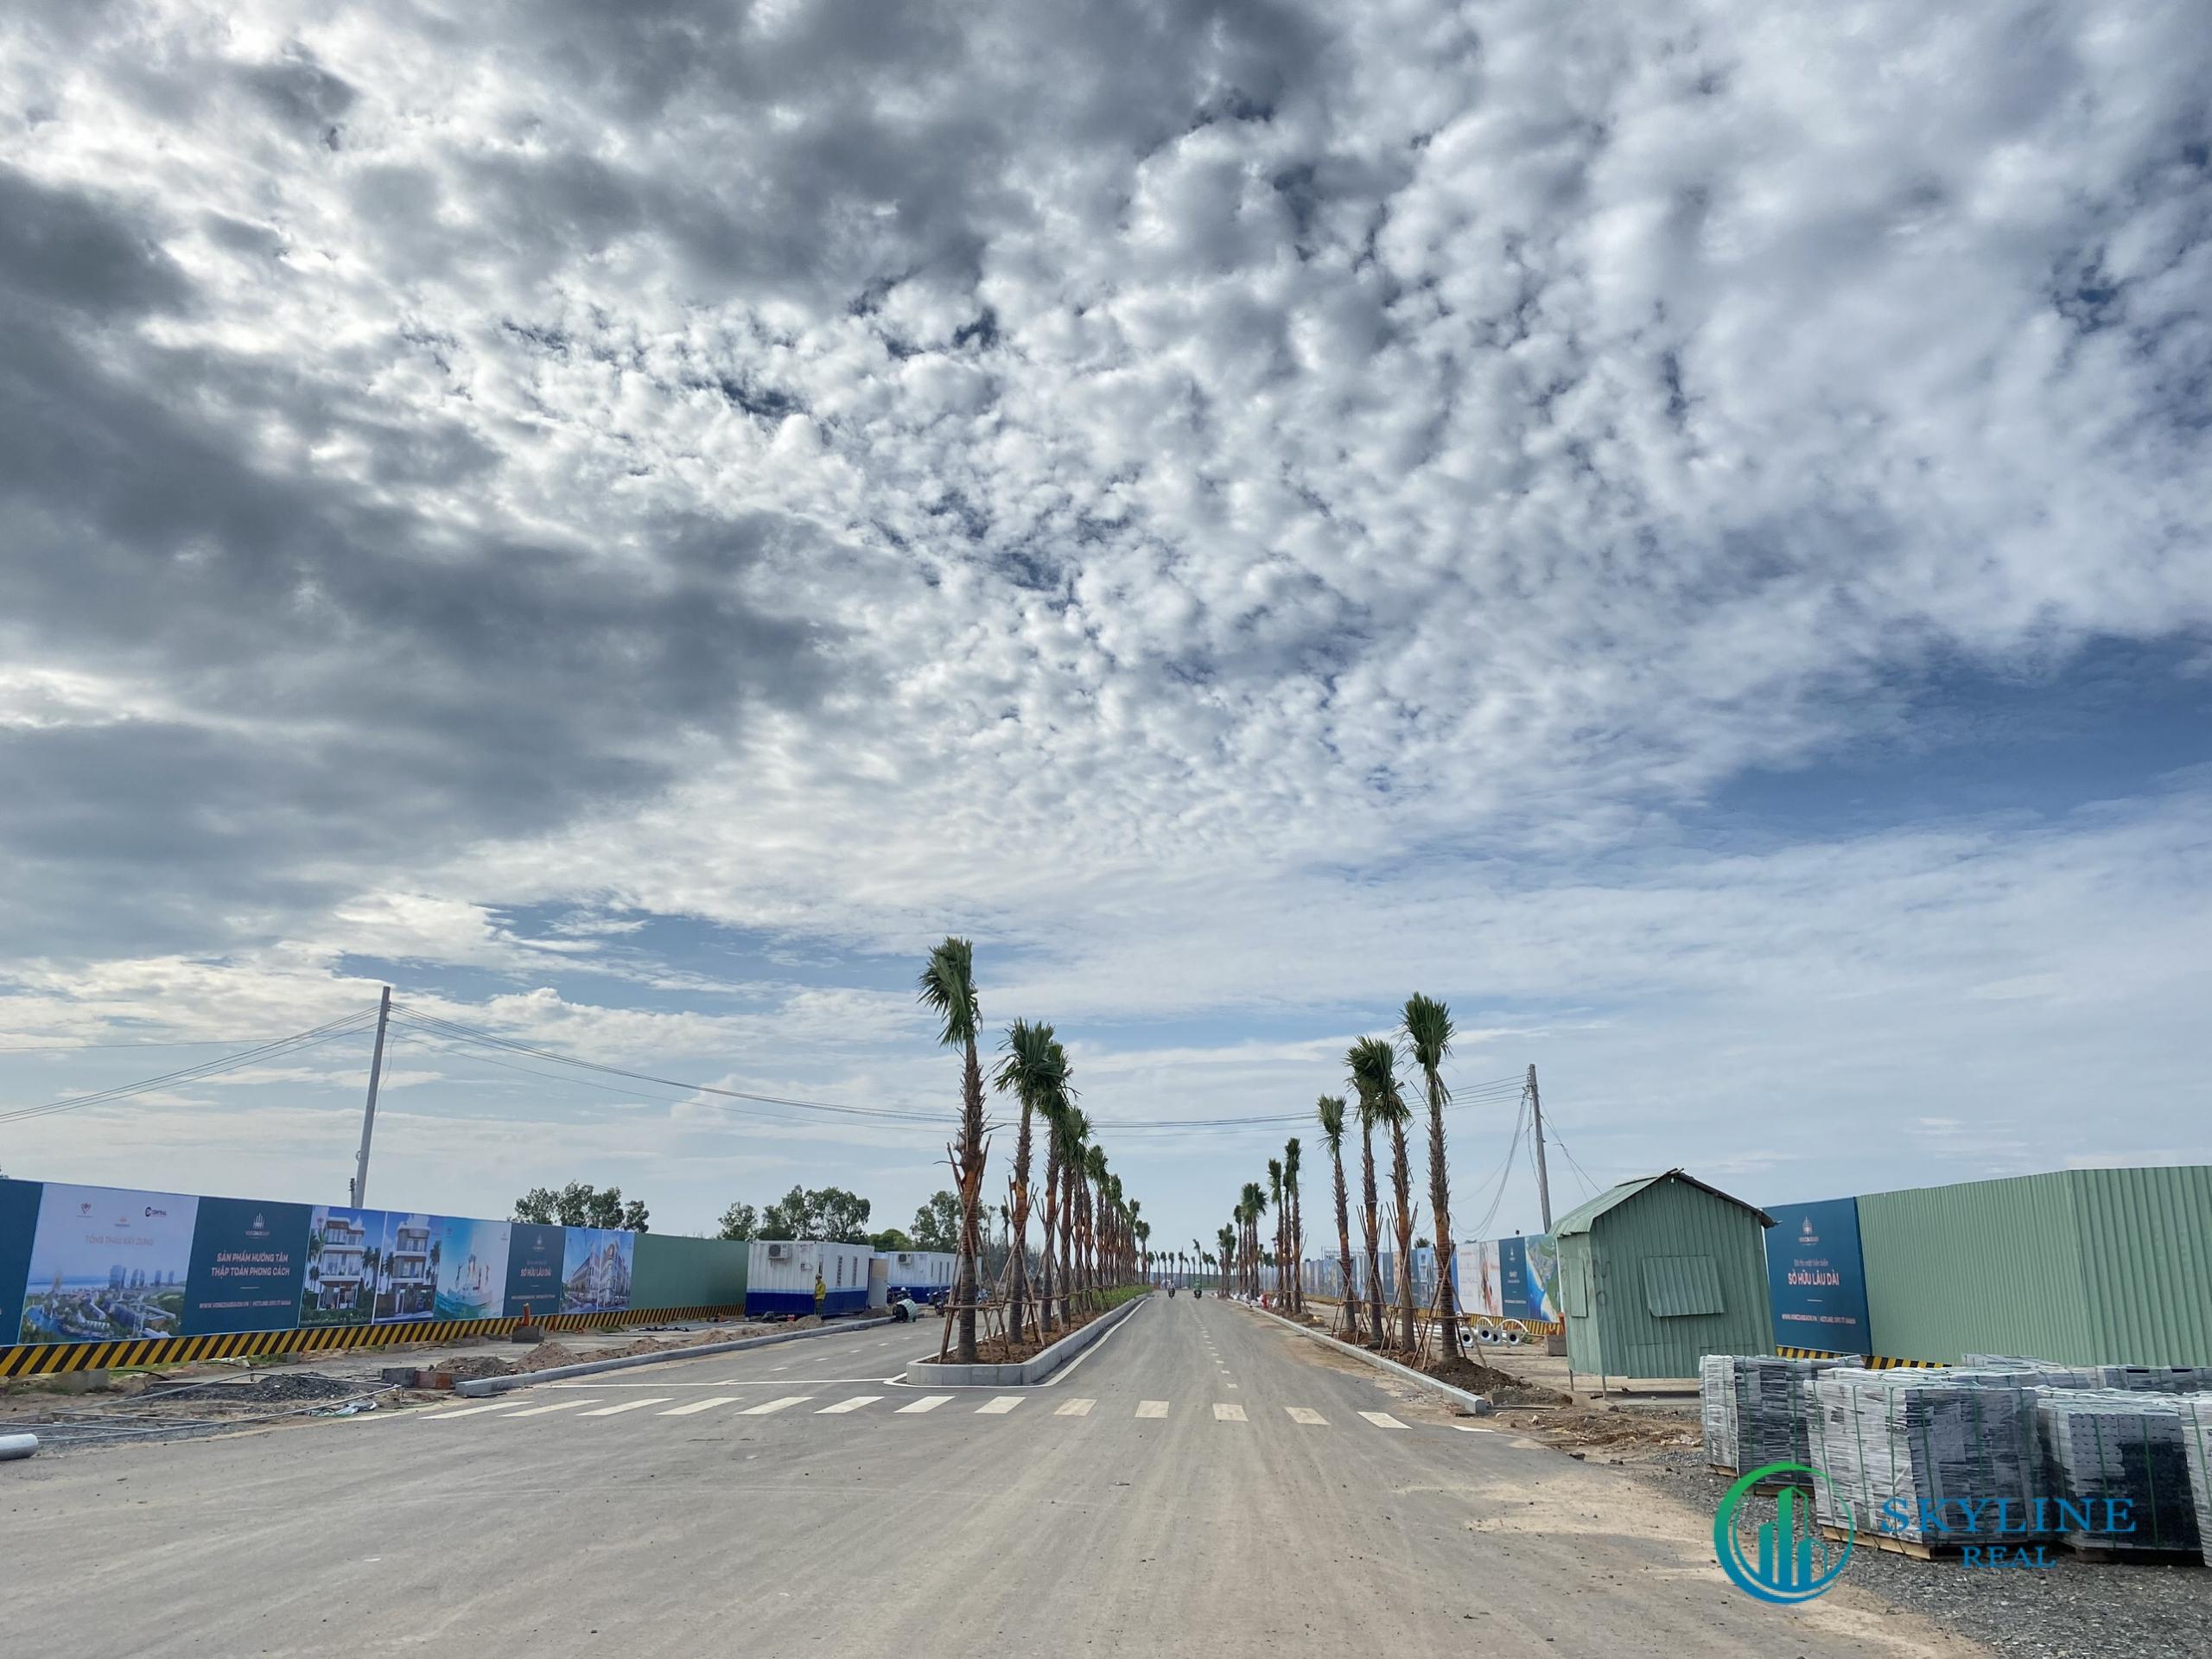 Tiến độ thực tế dự án nghỉ dưỡng Venezia Beach chủ đầu tư Danh Việt